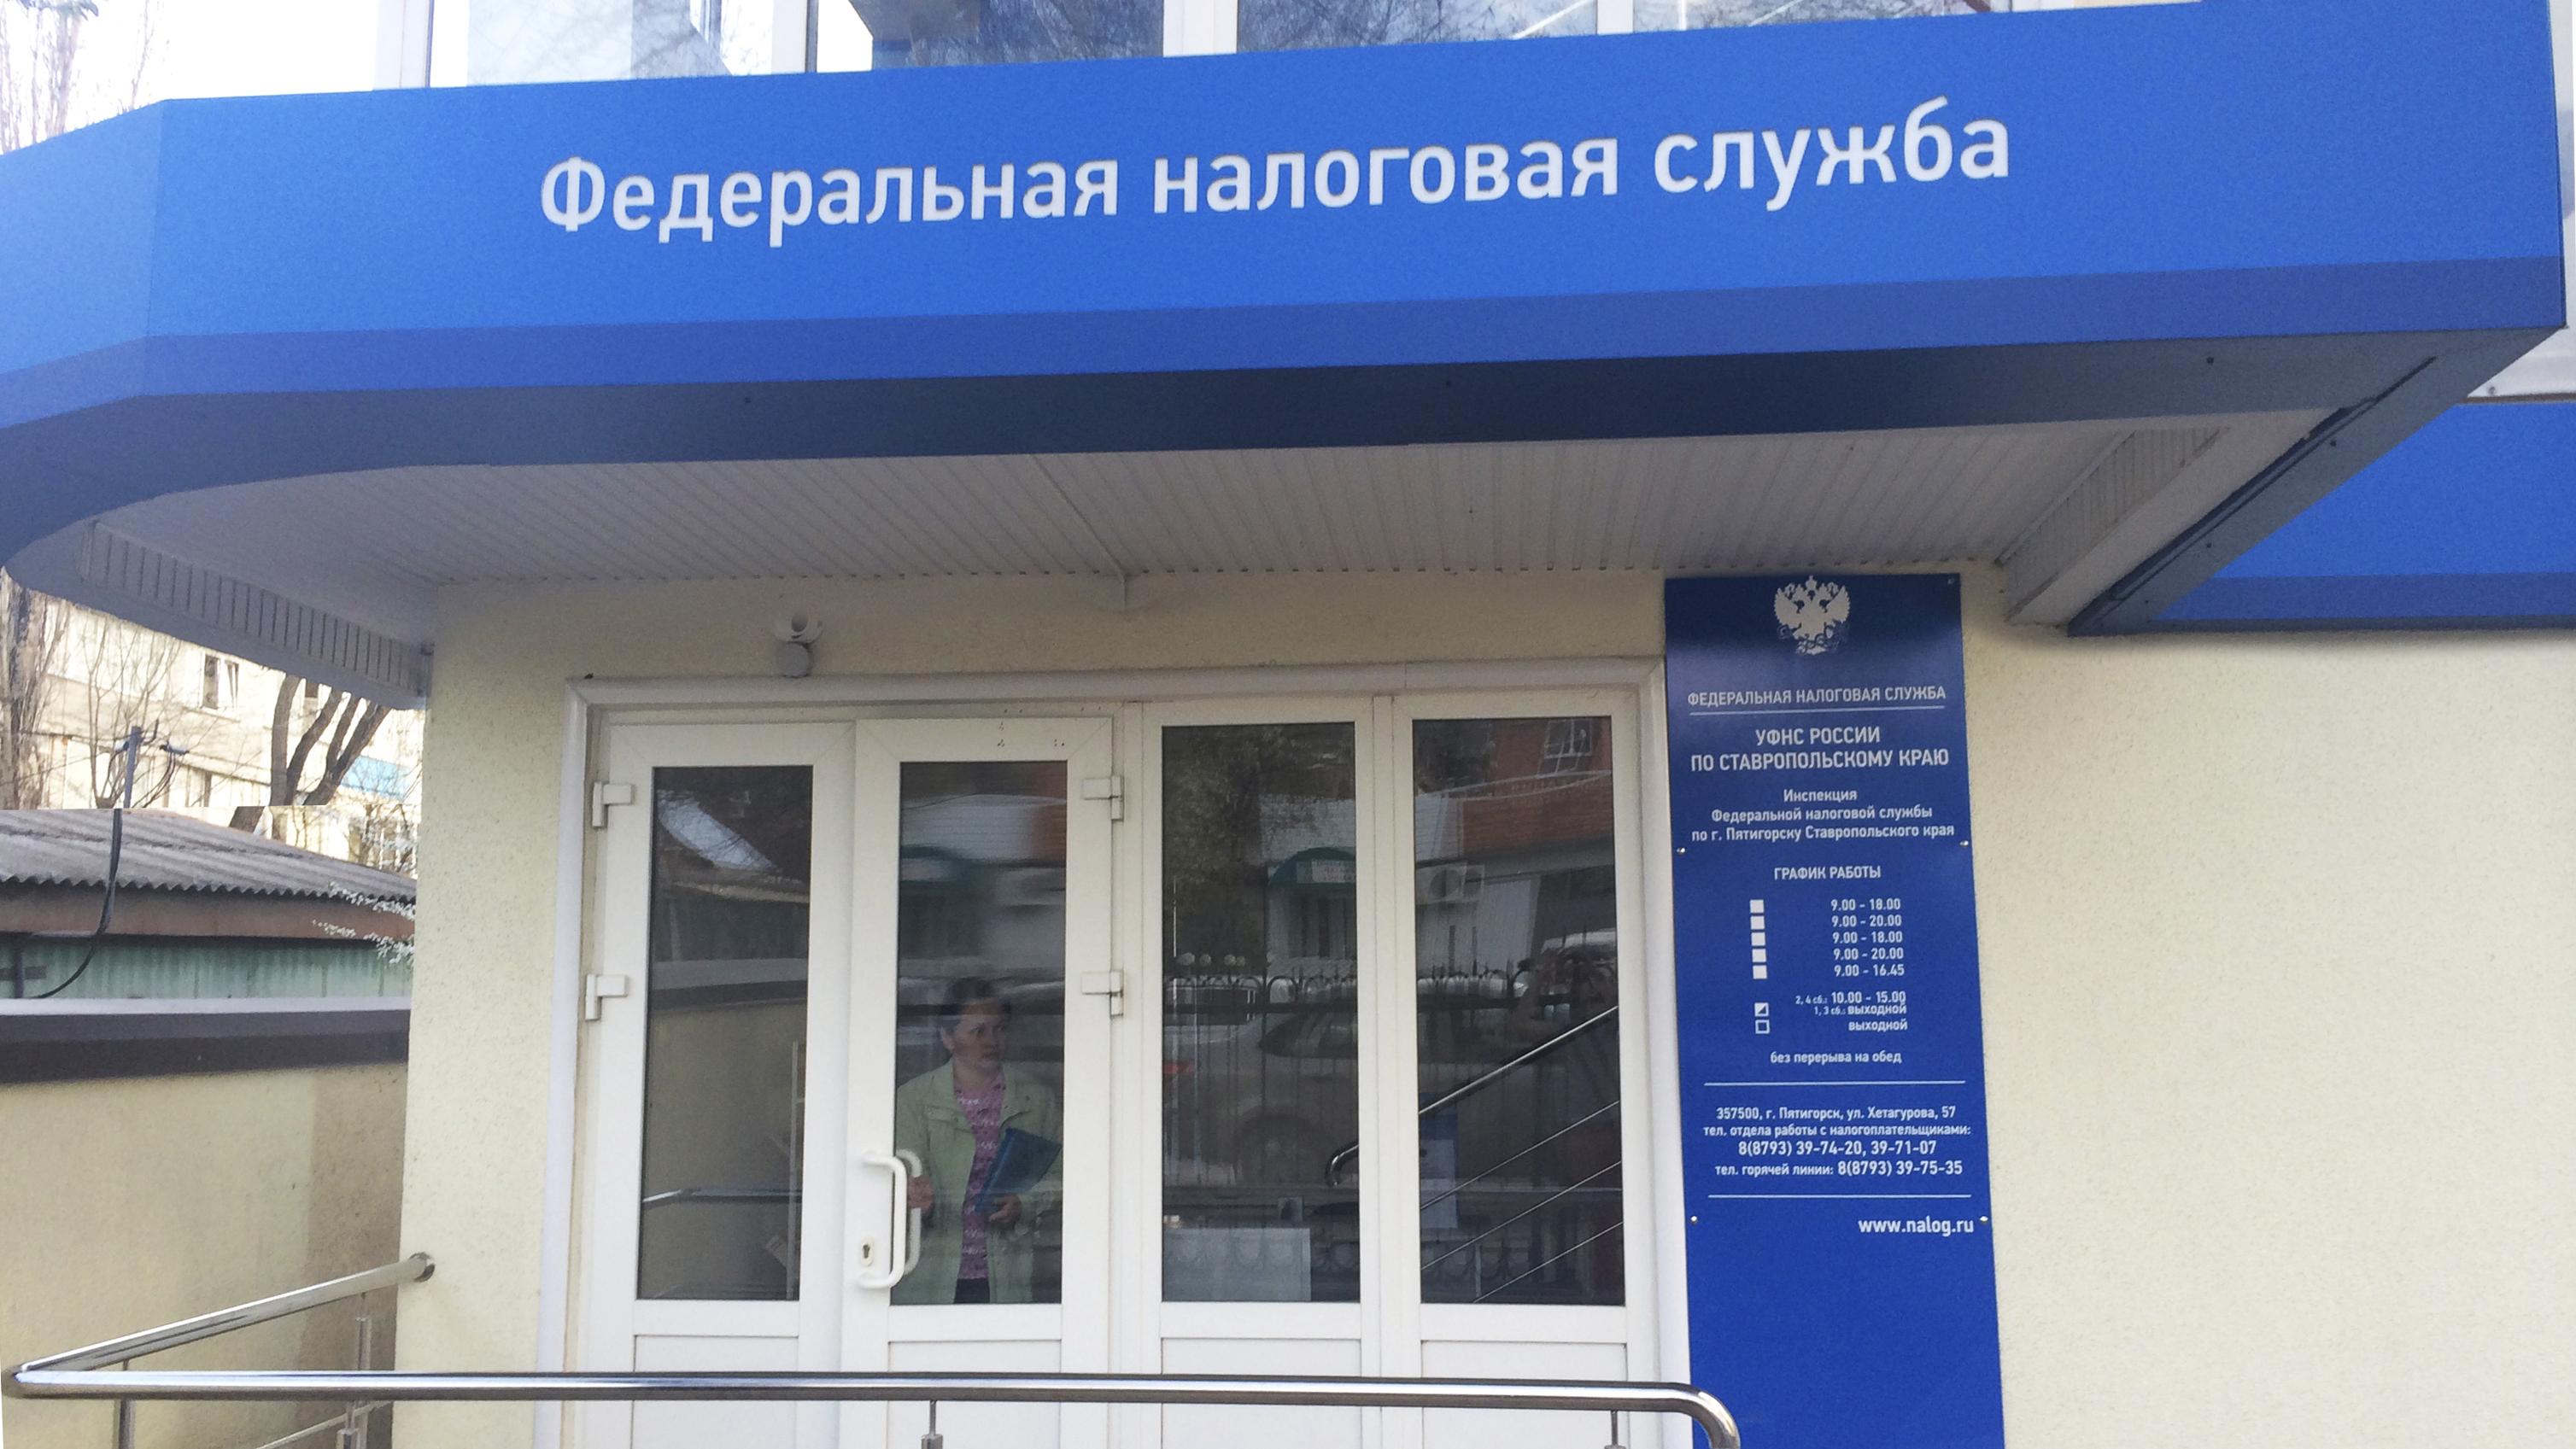 Электронная отчетность пятигорск электронная отчетность сбис ярославль